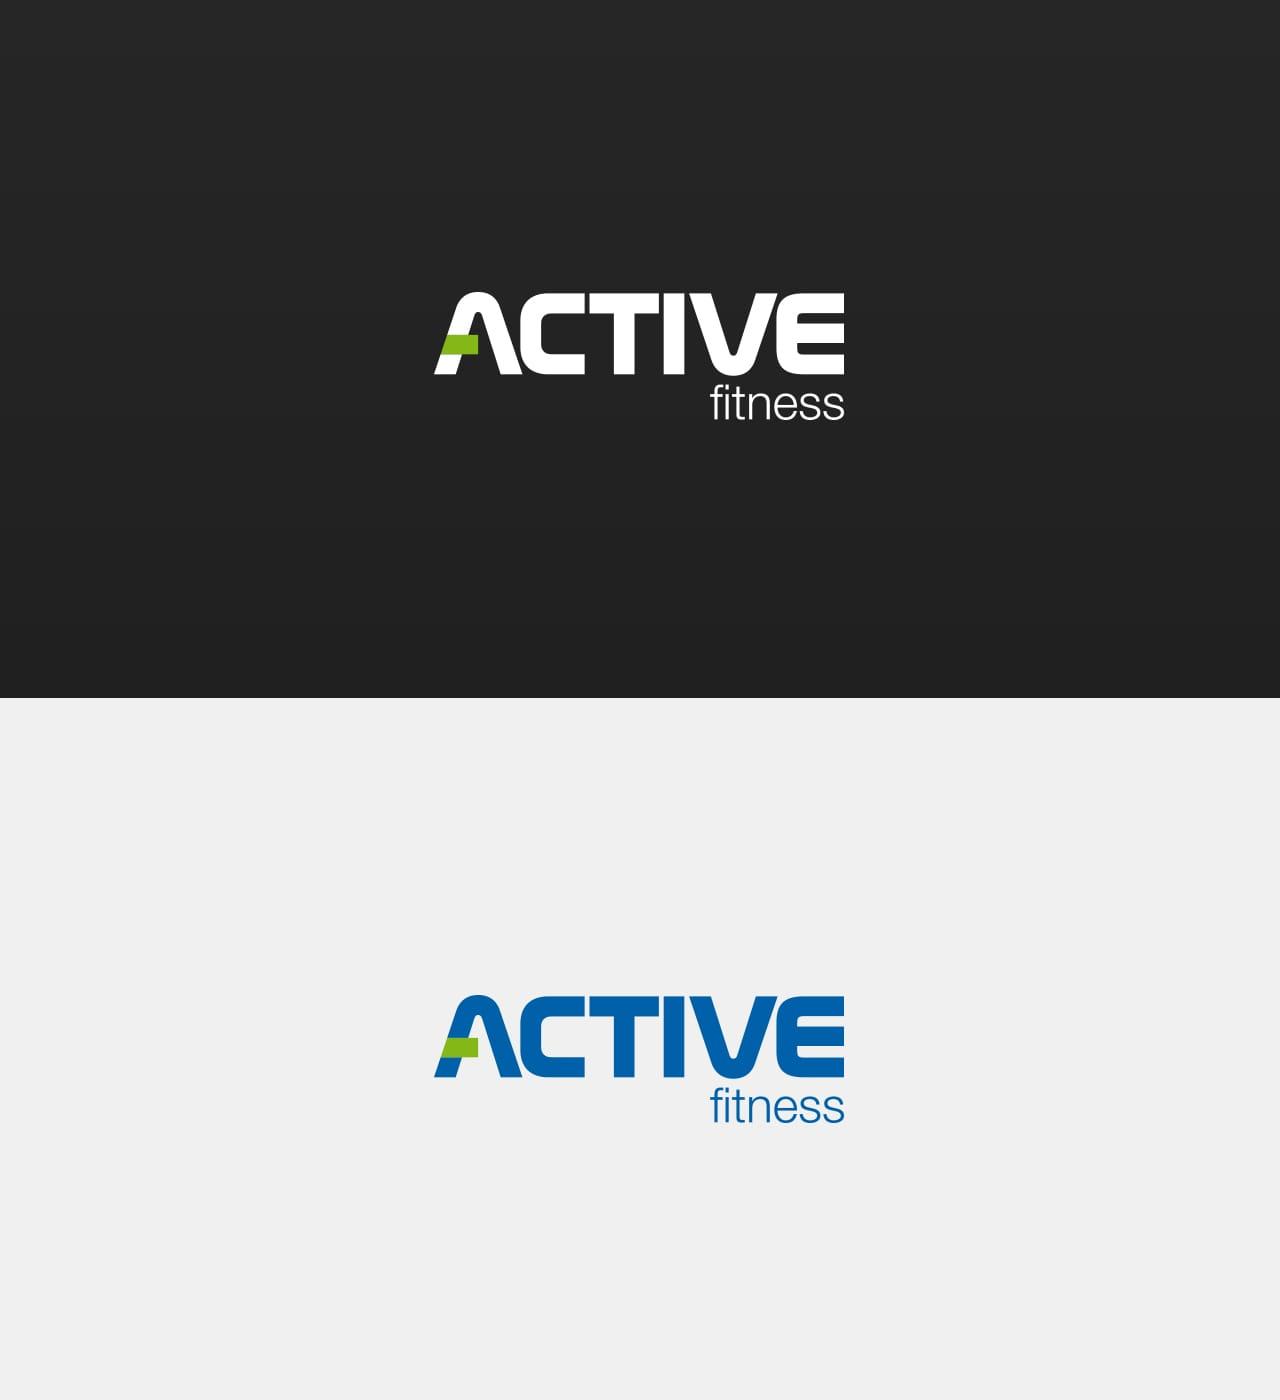 Active Fitness rewitalizacja logo firmowego Agencja brandingowa Moweli Creative